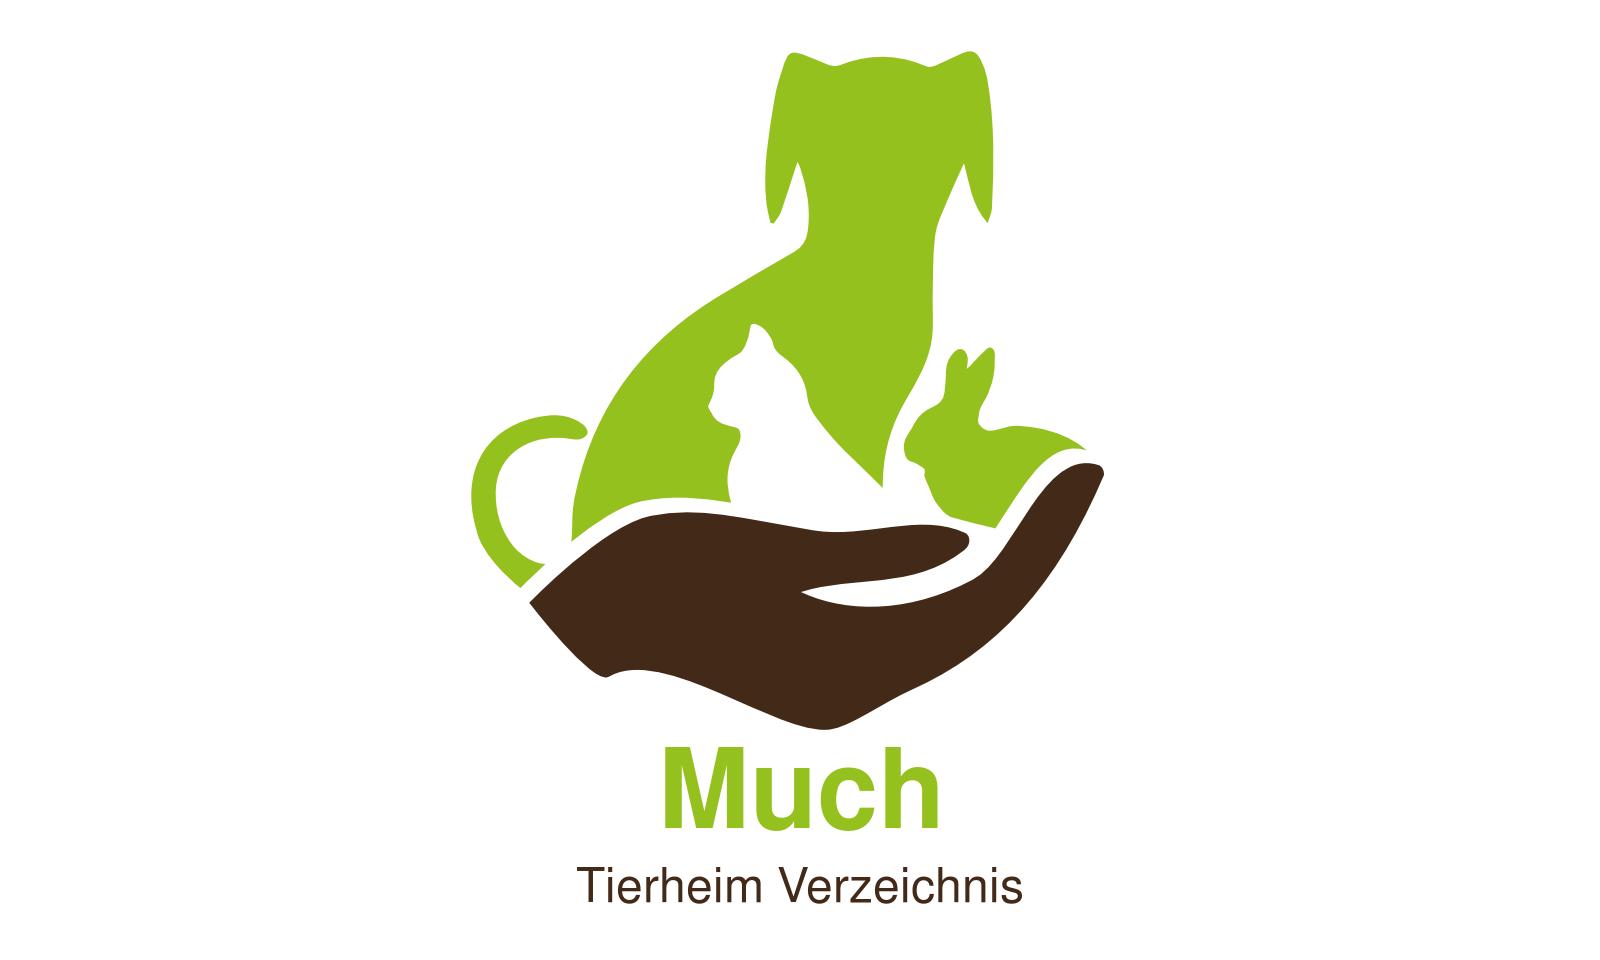 Tierheim Much